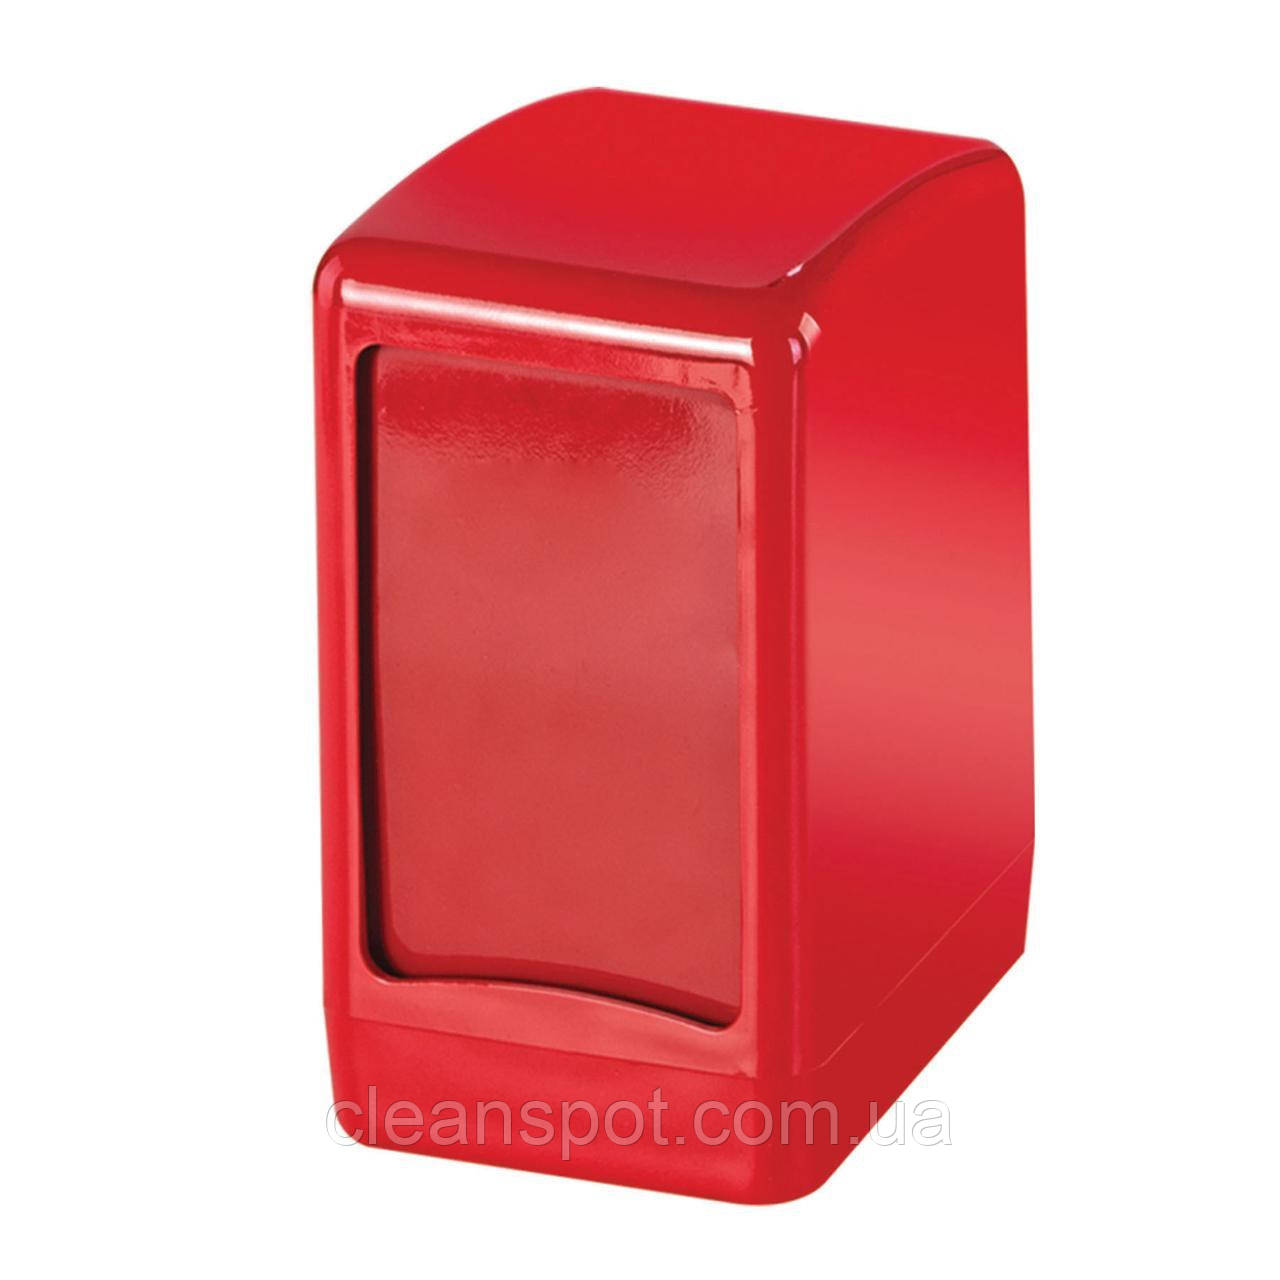 Диспеснер настольных салфеток красный пластик